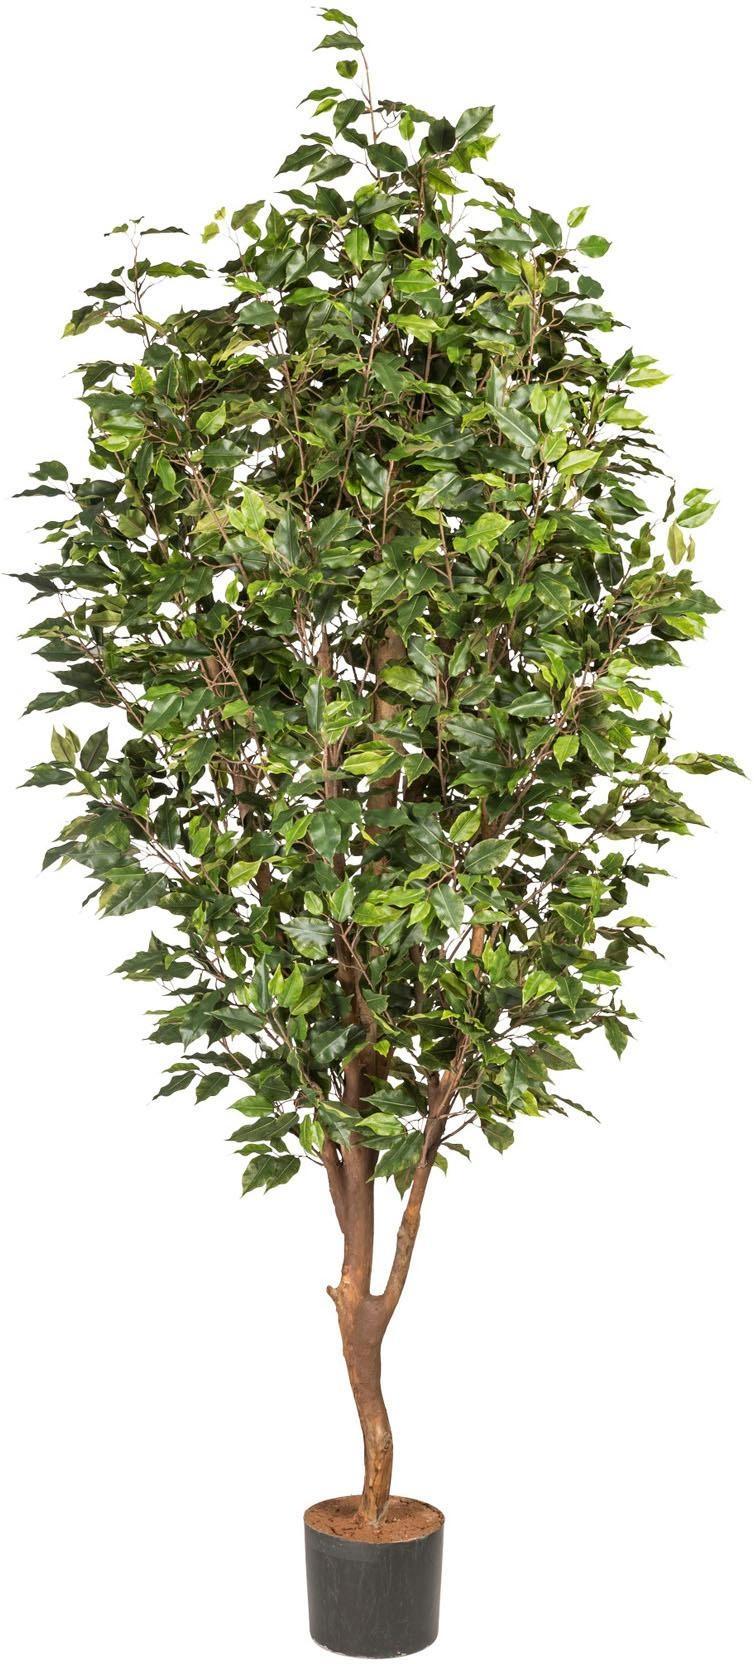 Kunstpflanze Ficus Benjamini Wohnen/Accessoires & Leuchten/Wohnaccessoires/Kunstpflanzen/Kunstbäume